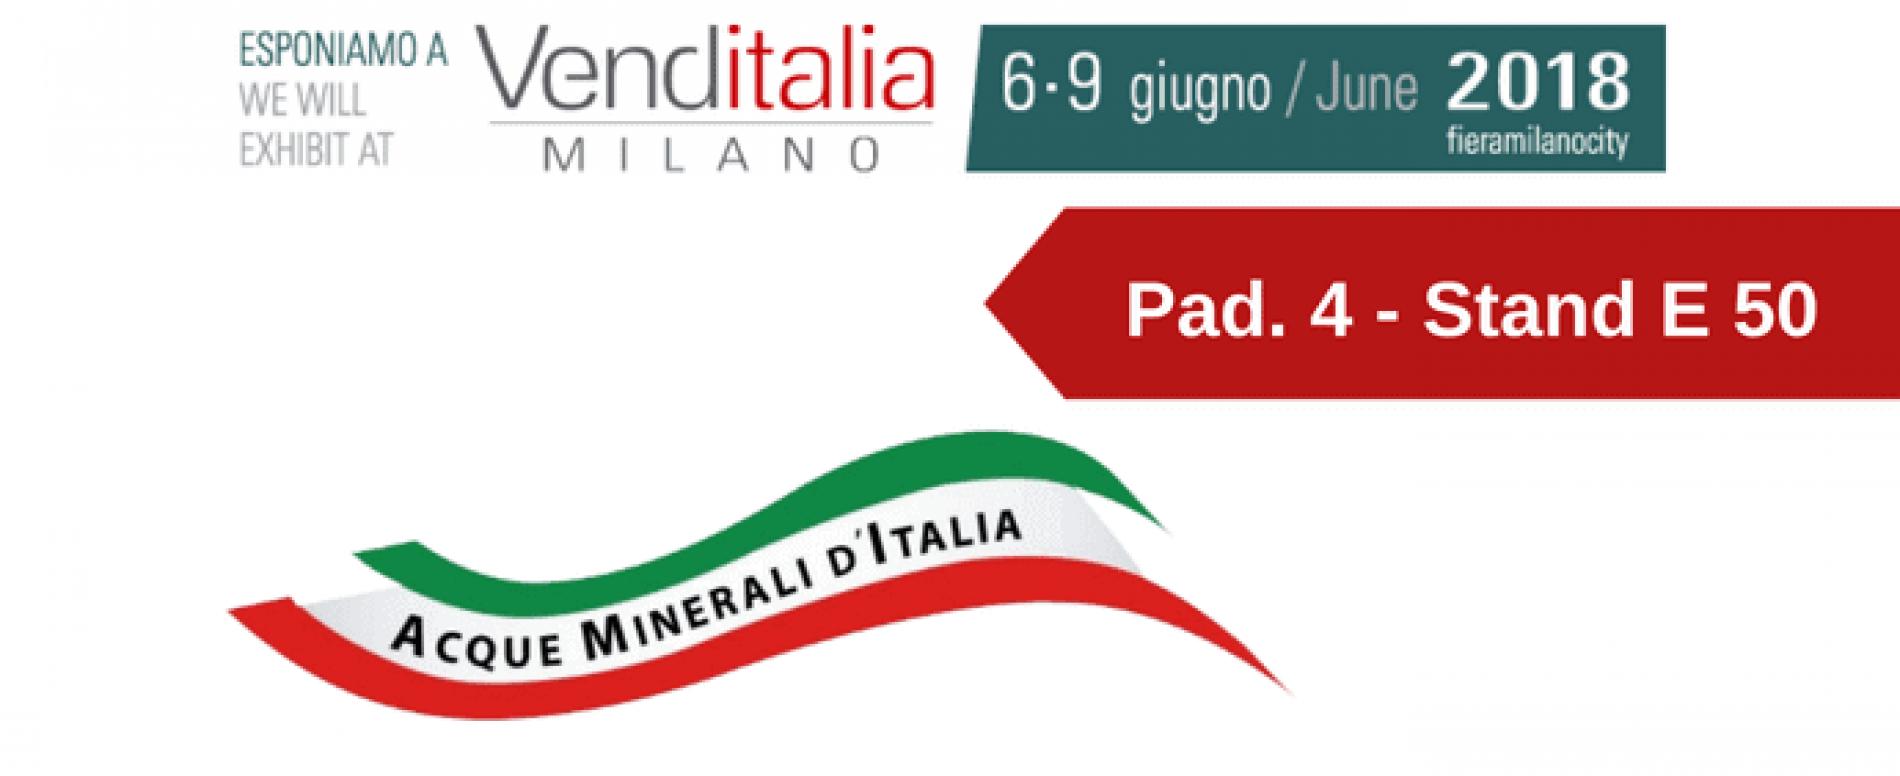 Venditalia 2018. Le novità di Acque Minerali d'Italia